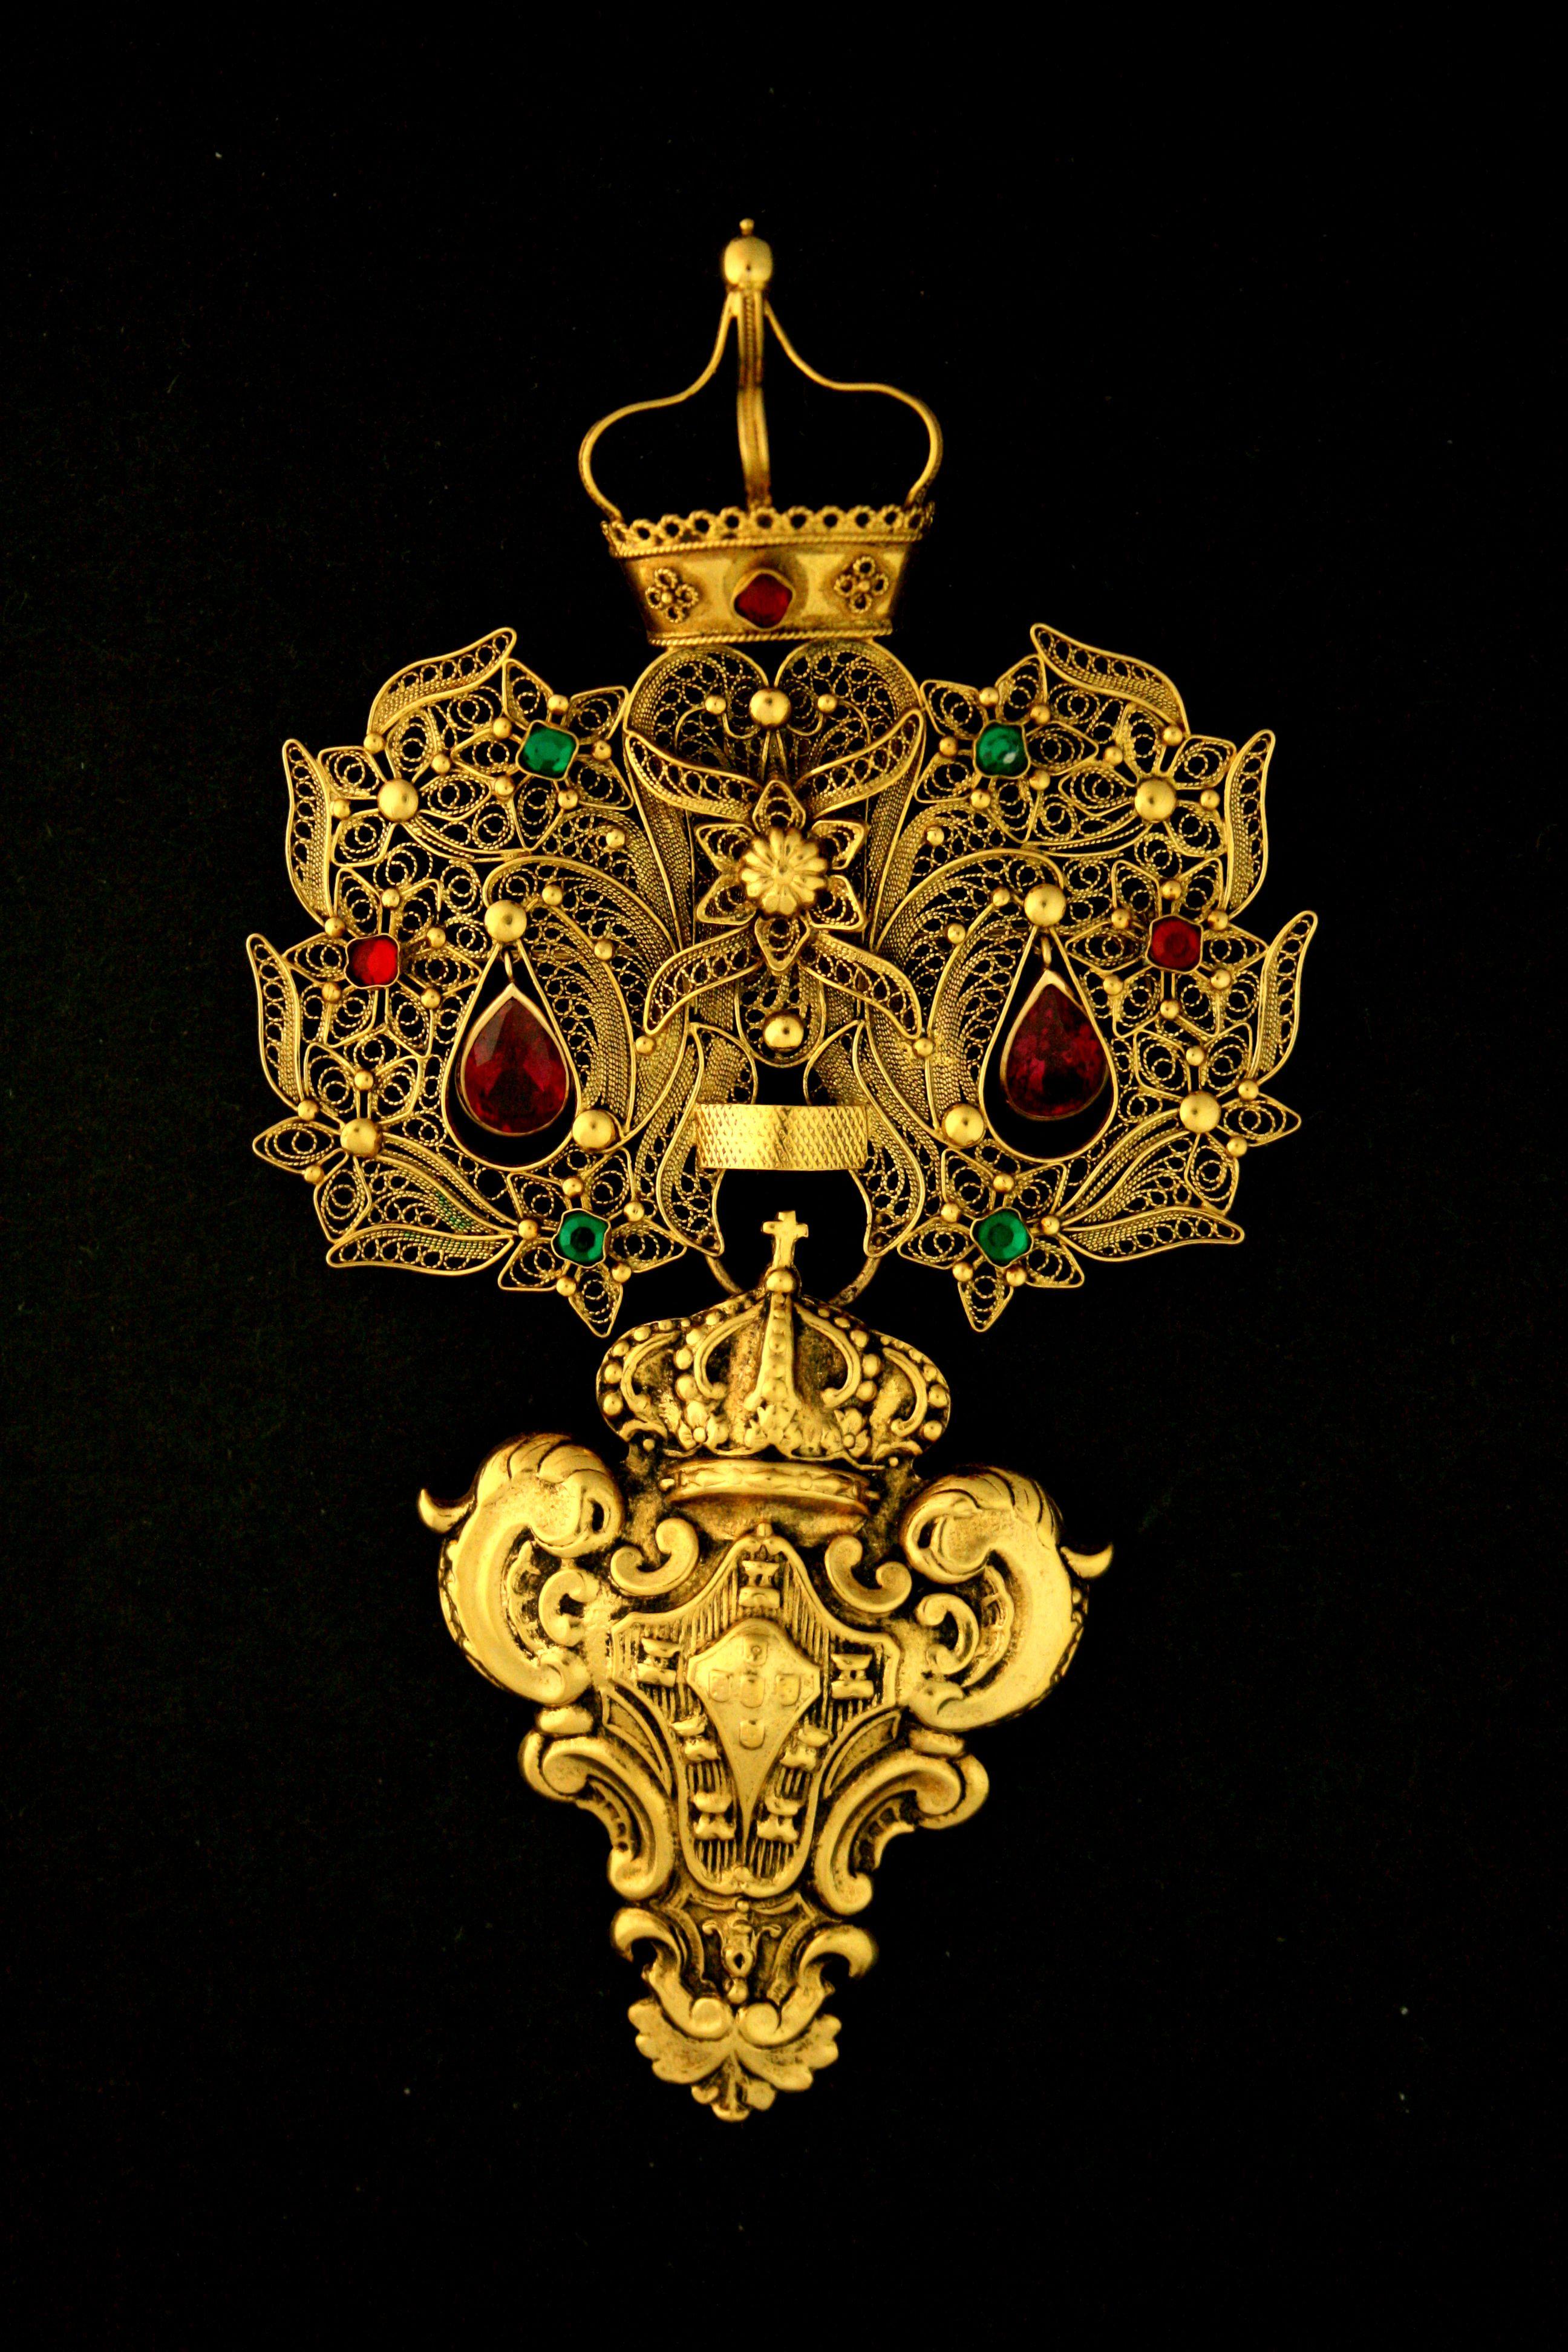 Livro Ourar e Trajar - http://www.museudaourivesaria.com